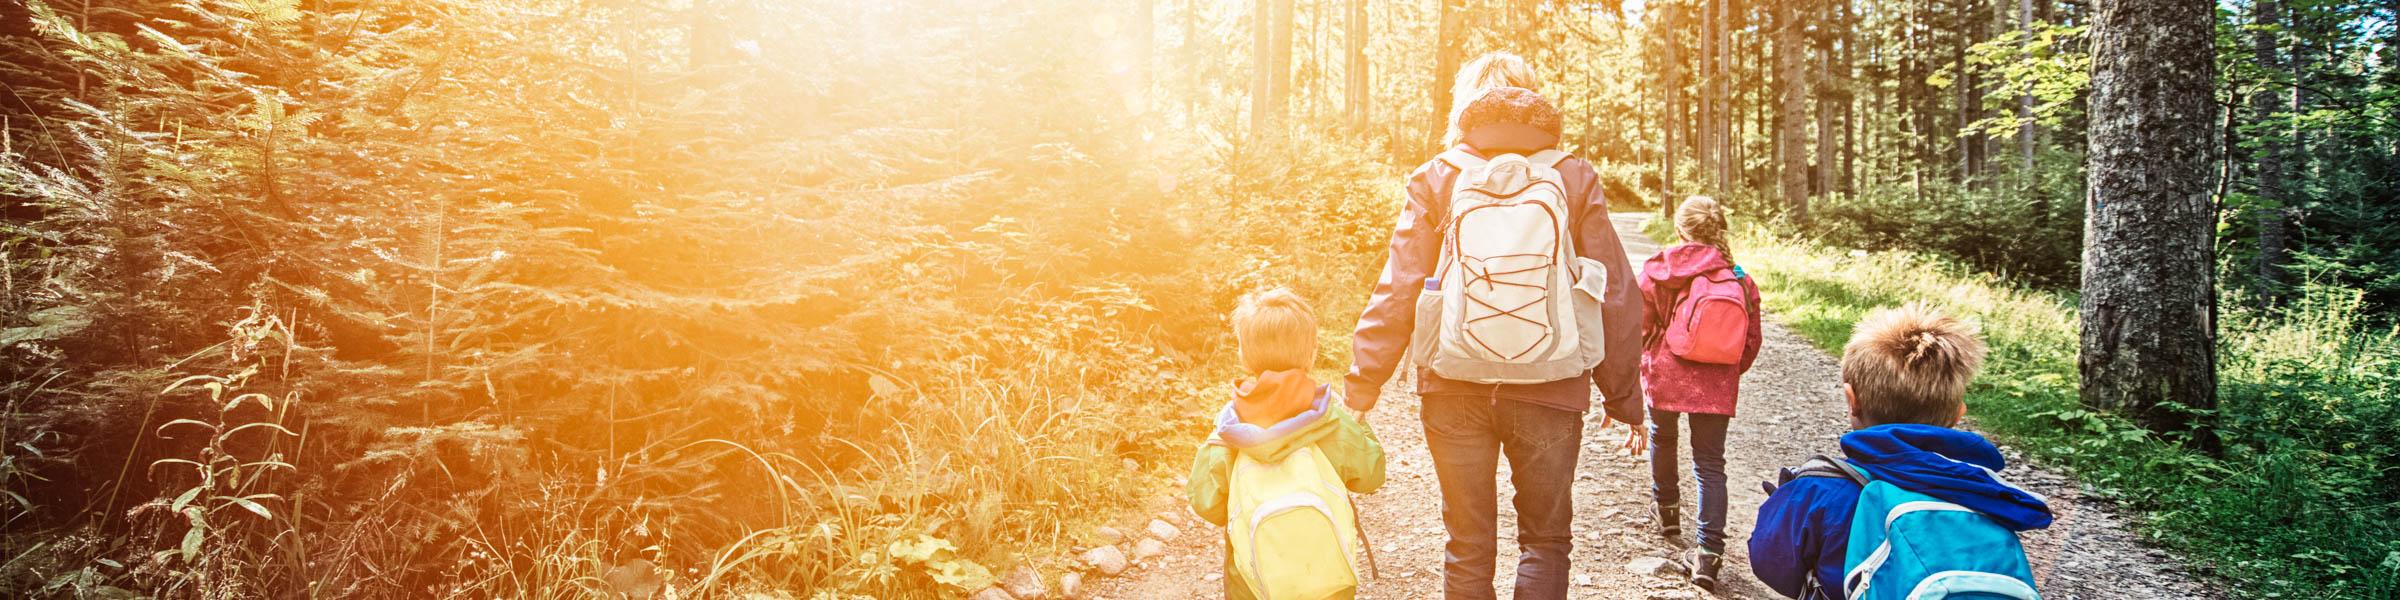 Mutter mit drei Kindern wandert im Wald